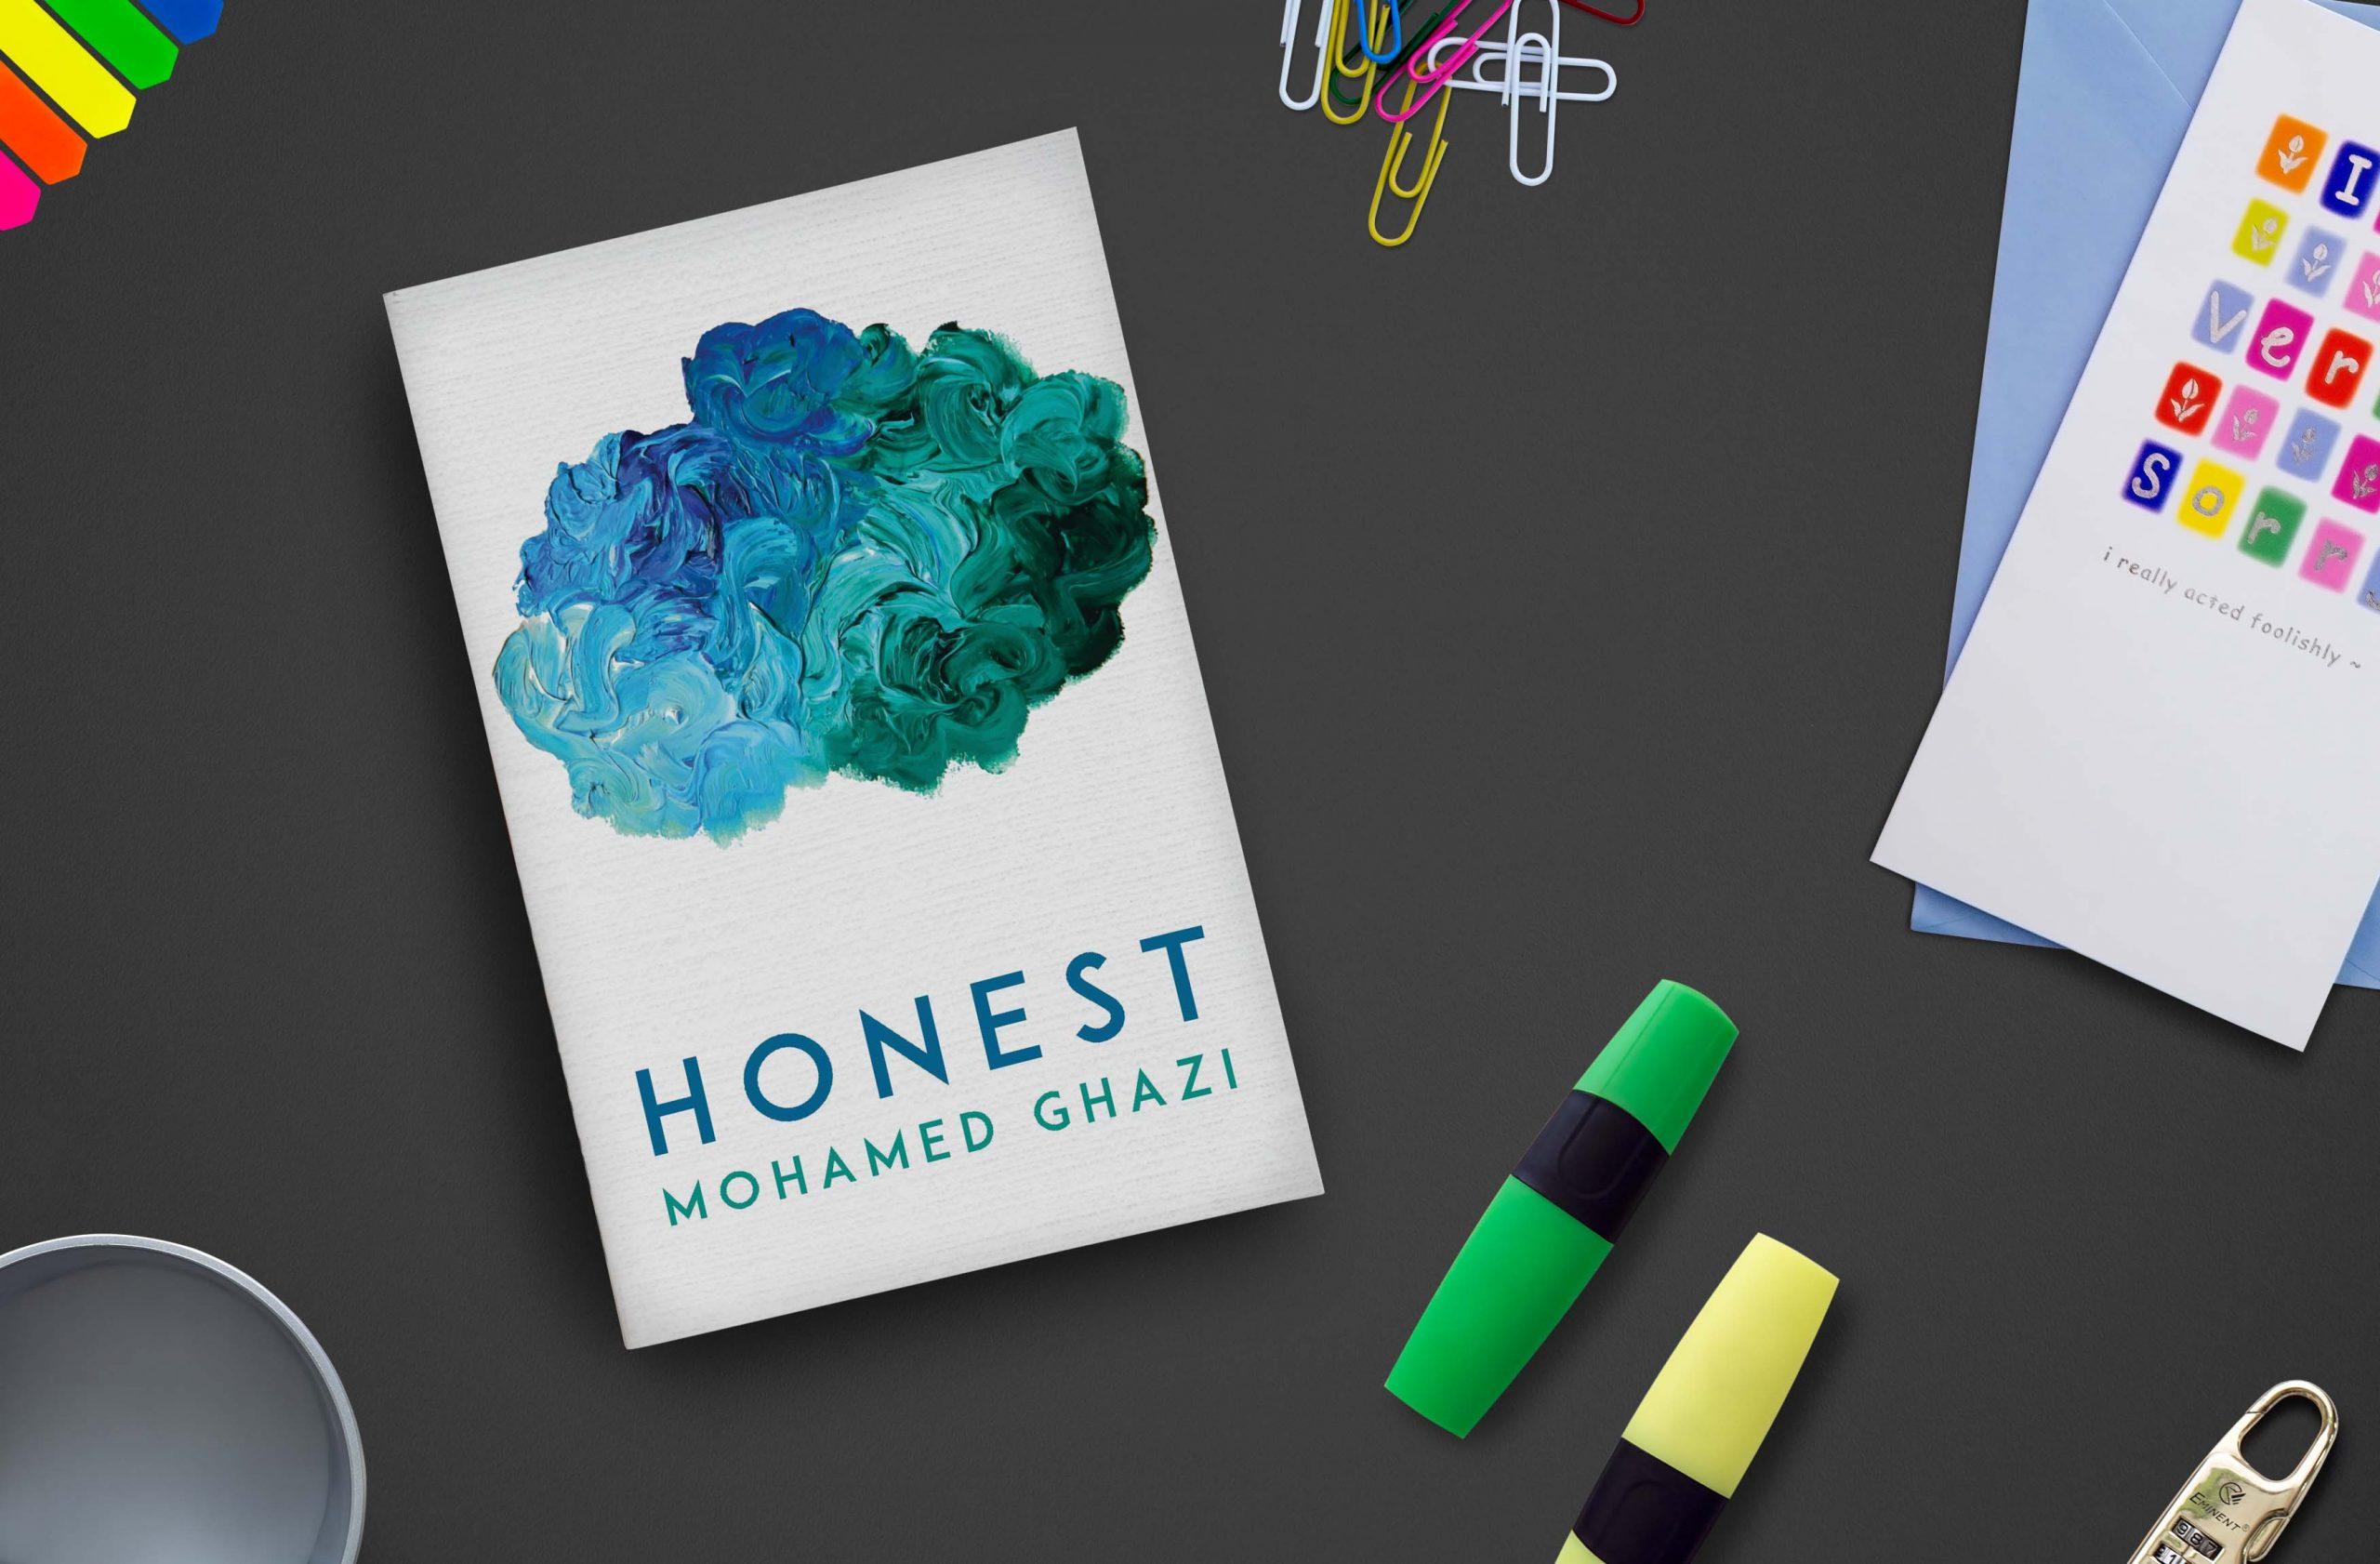 Honest by Mohamed Ghazi